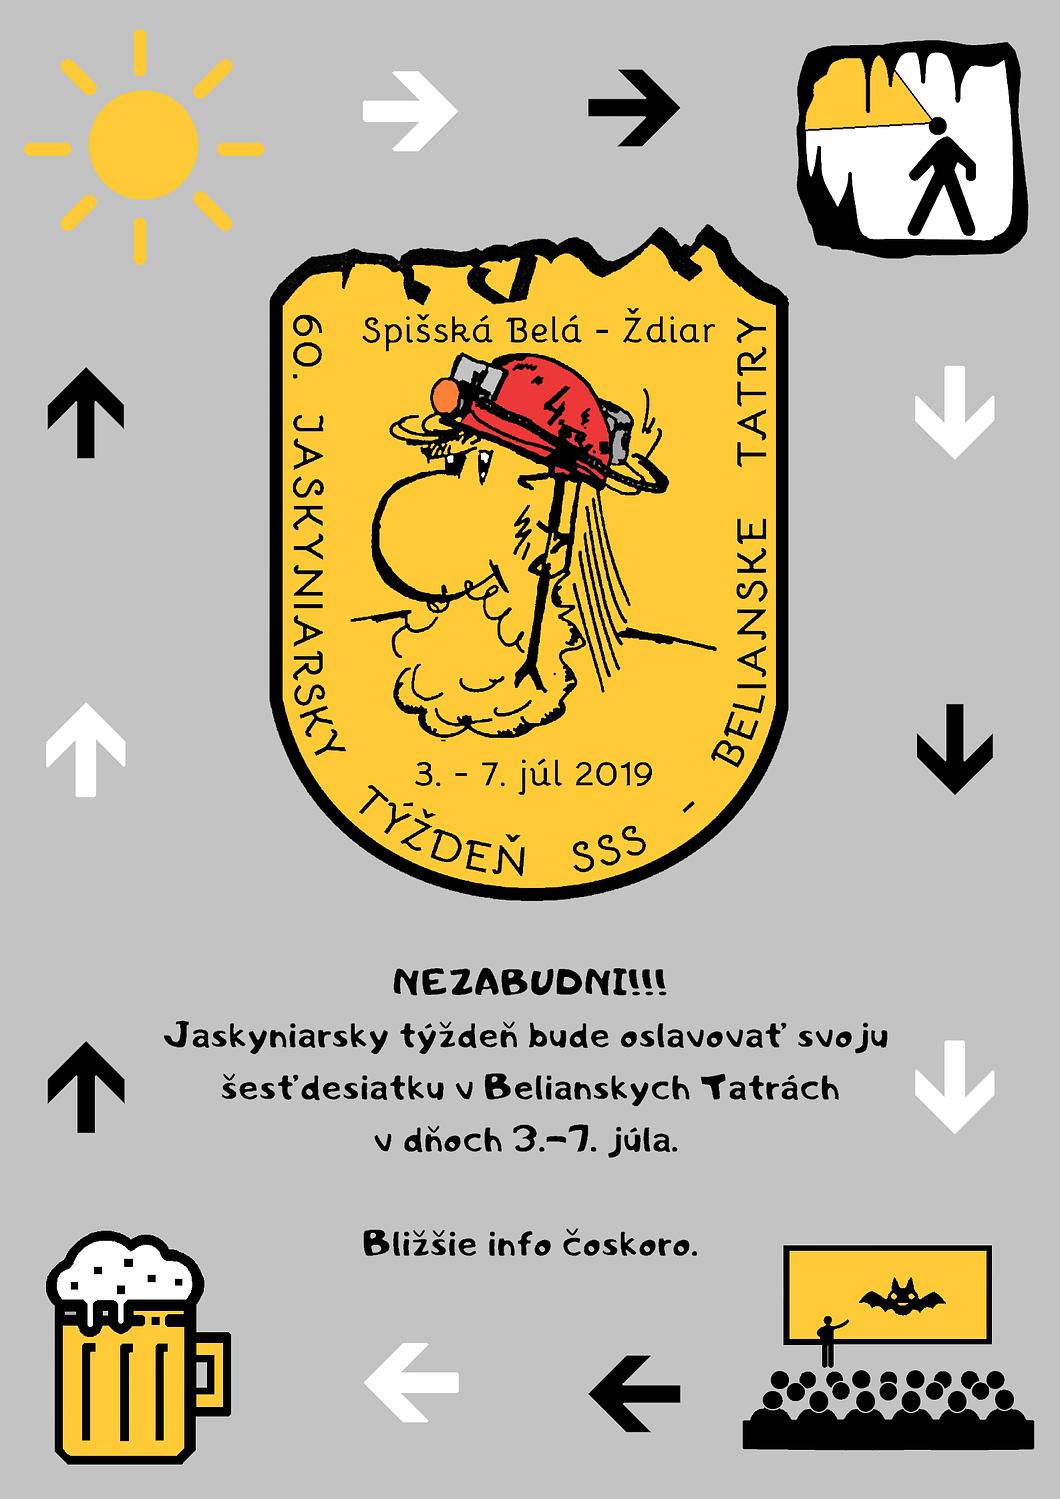 , Pozvánka na 60. JT – Spišská Belá/Ždiar, Slovenská speleologická spoločnosť